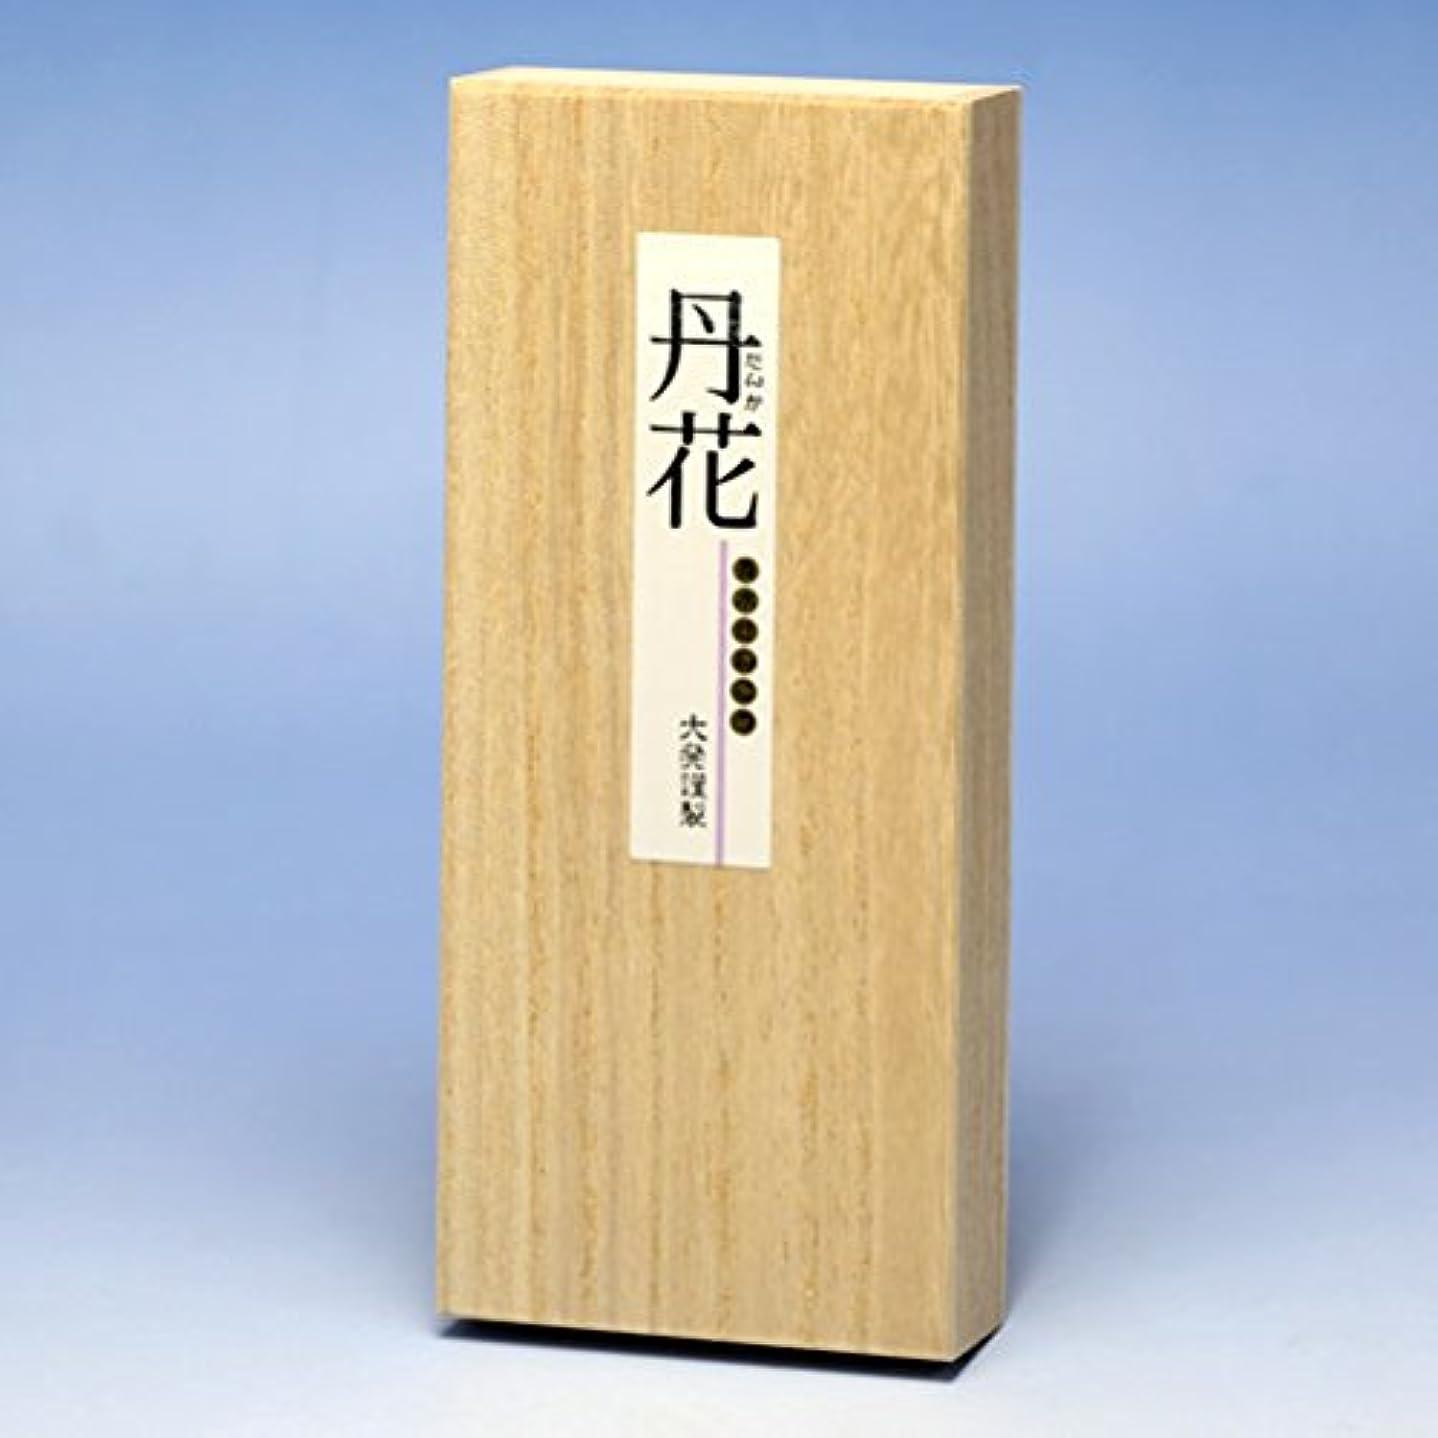 保持うめき声推測する丹花三色 桐箱 T-5 20本×3種類 大発